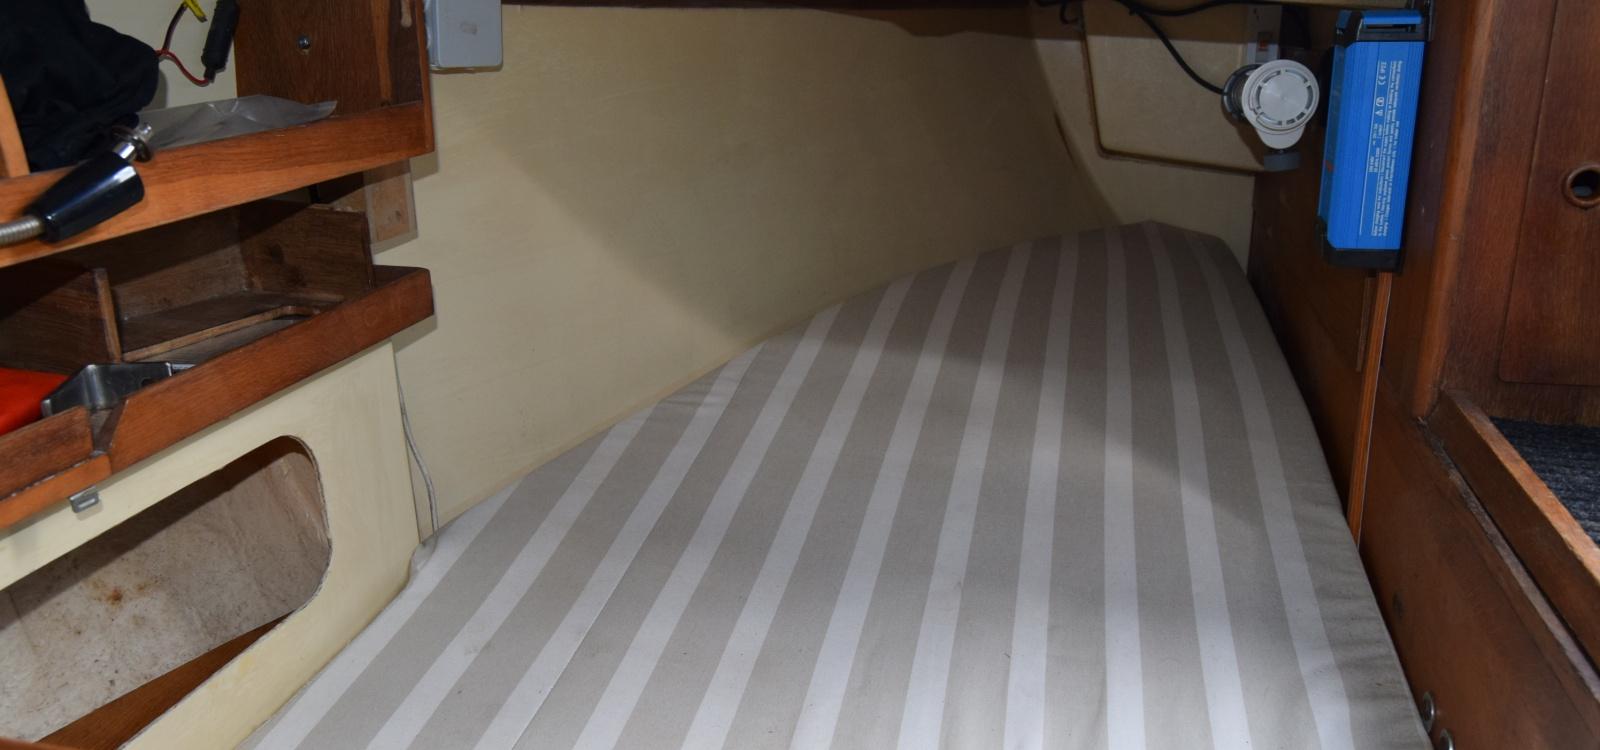 El Masnou,Barcelona,España,1 Dormitorio Habitaciones,Velero,2109